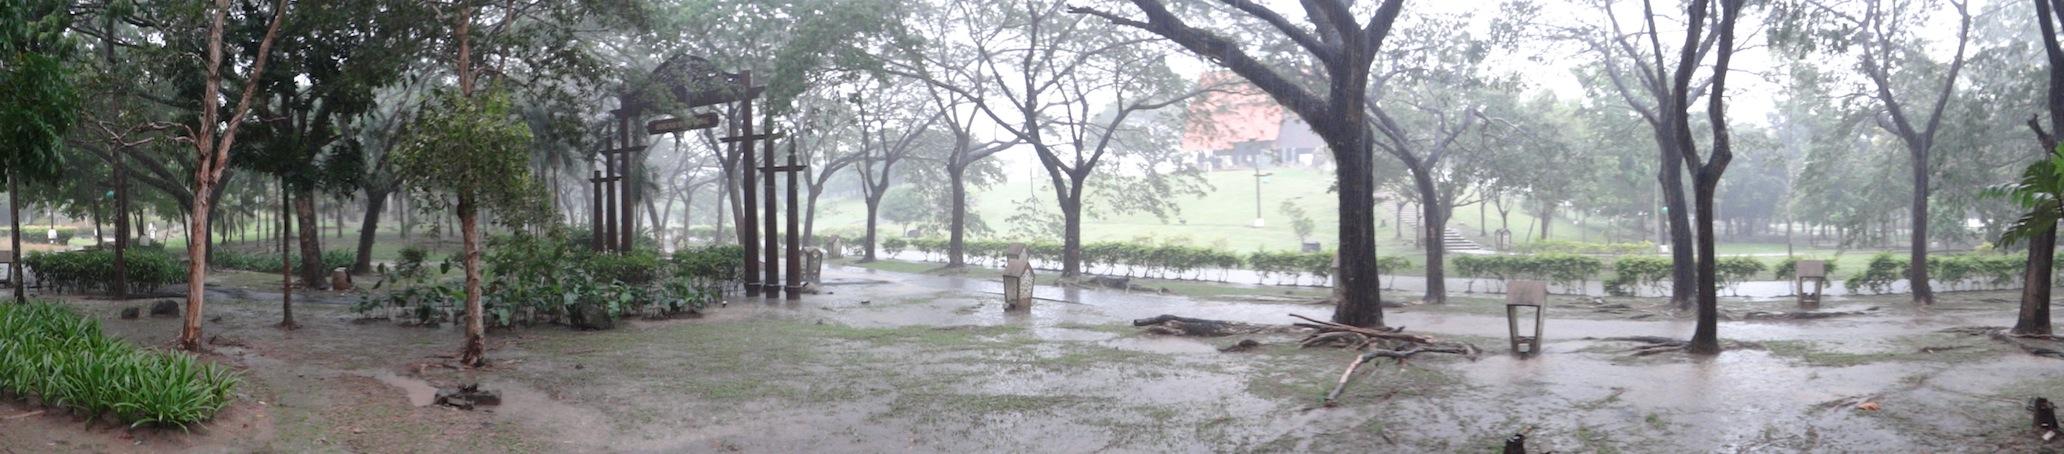 01 Rainy season in Malaysia